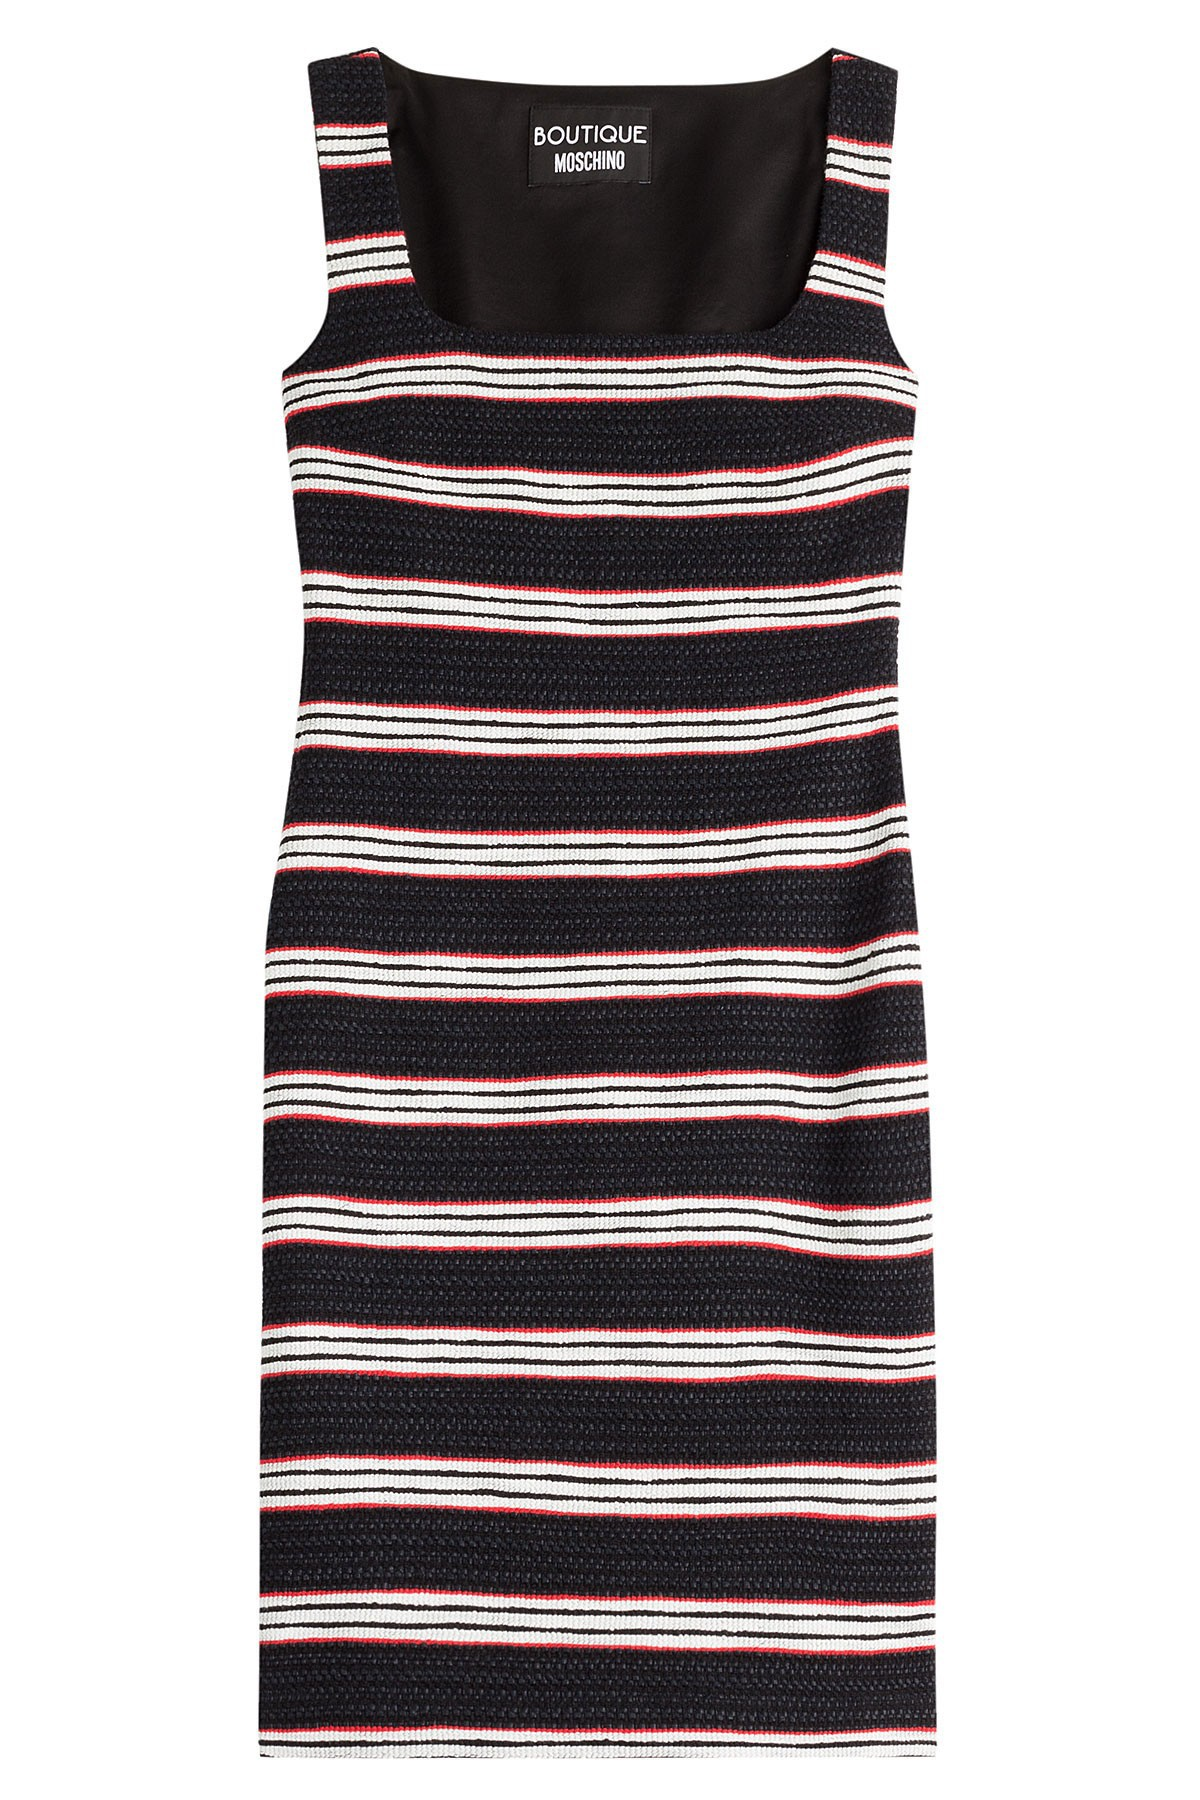 Boutique moschino sukienka ha0438